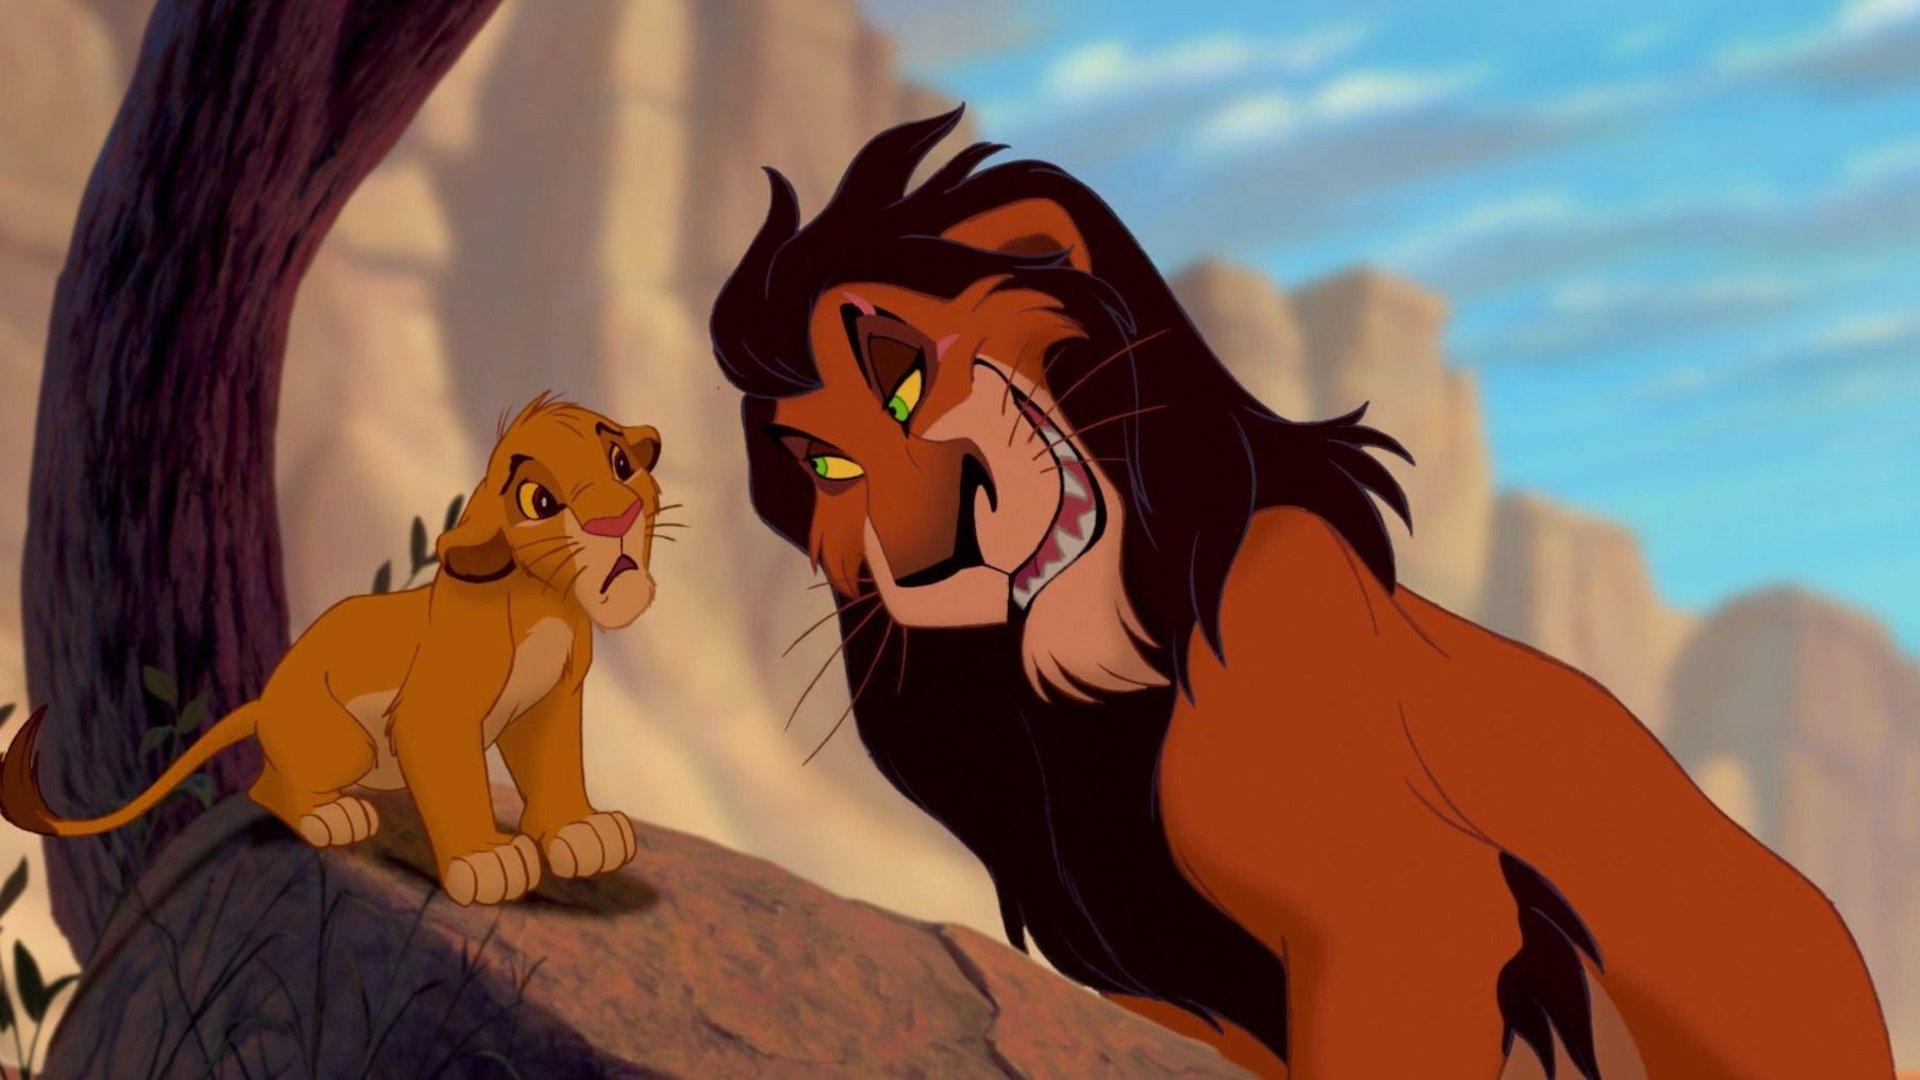 König Der Löwen Disney Scar